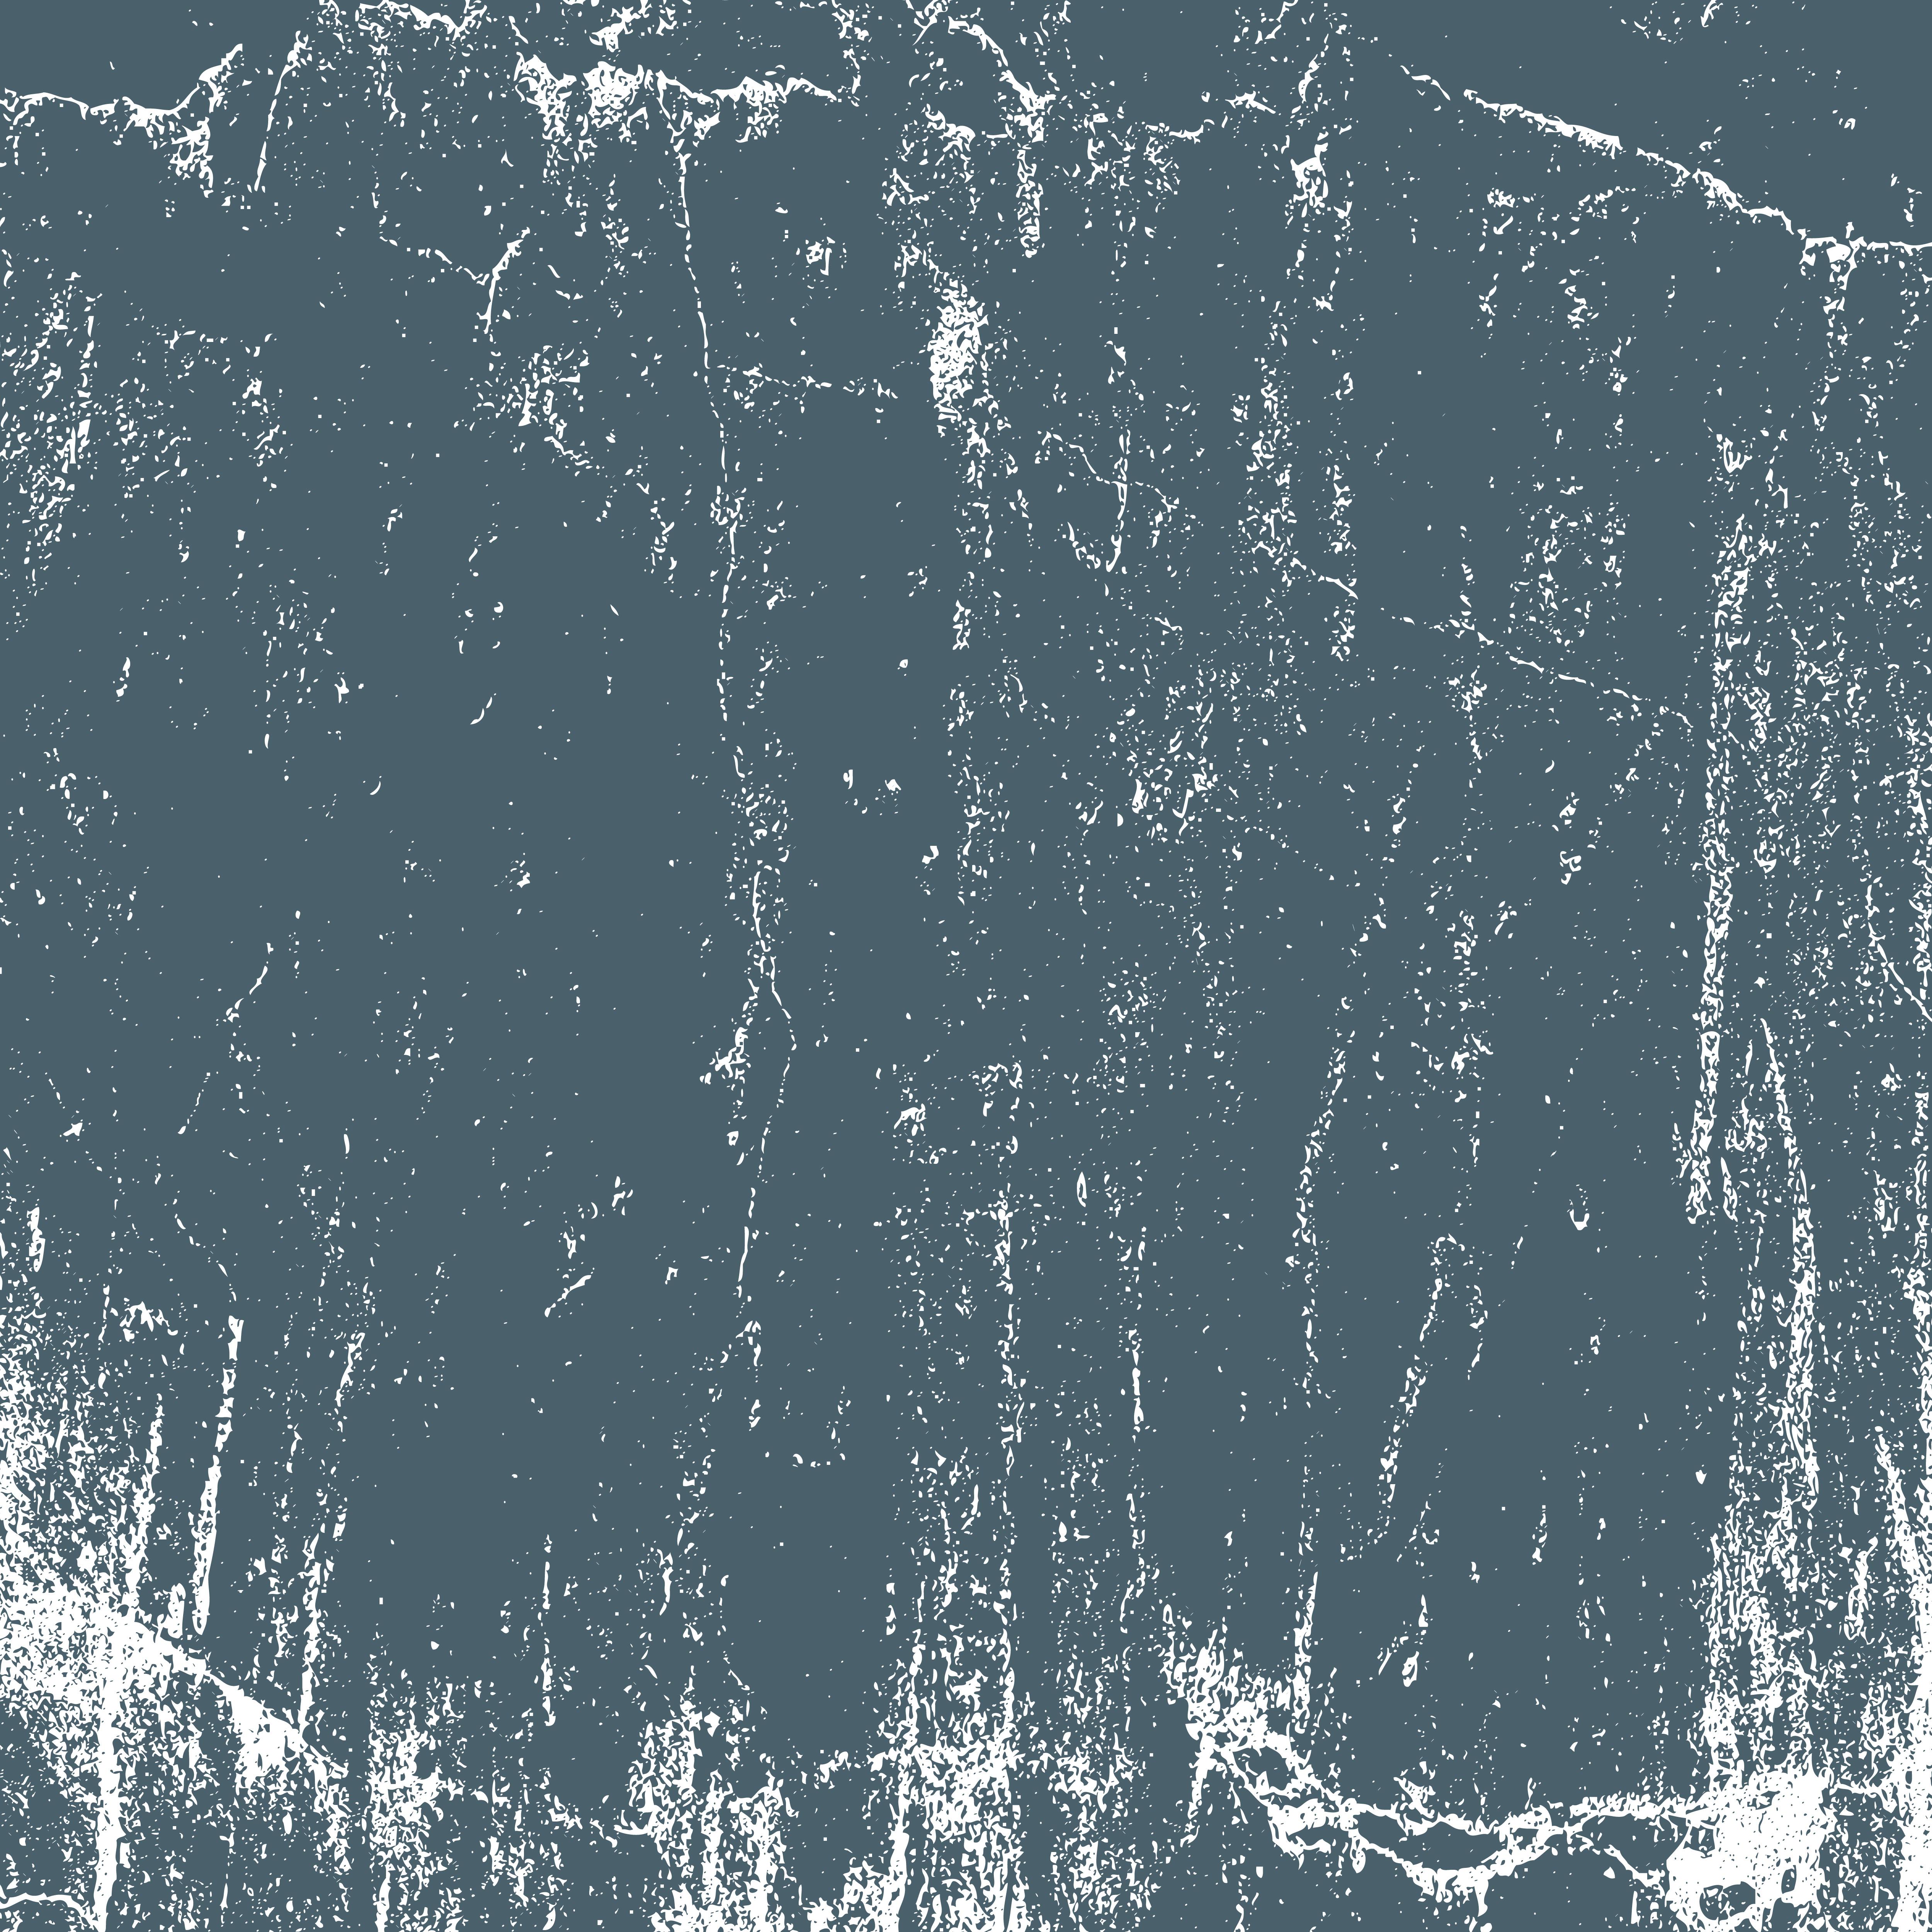 Detailed Grunge Texture Background